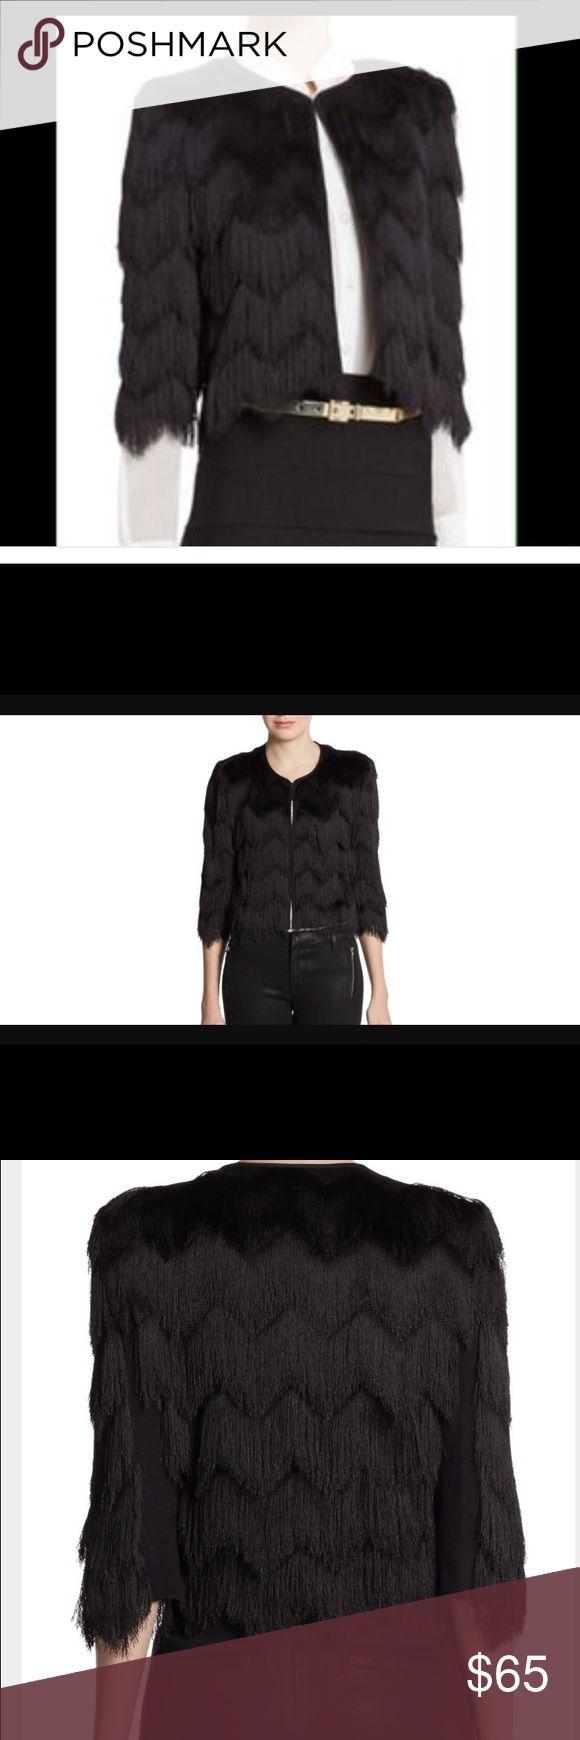 bLack jacket Black jaxon feathery black jacket, BCBGMaxAzria Jackets & Coats